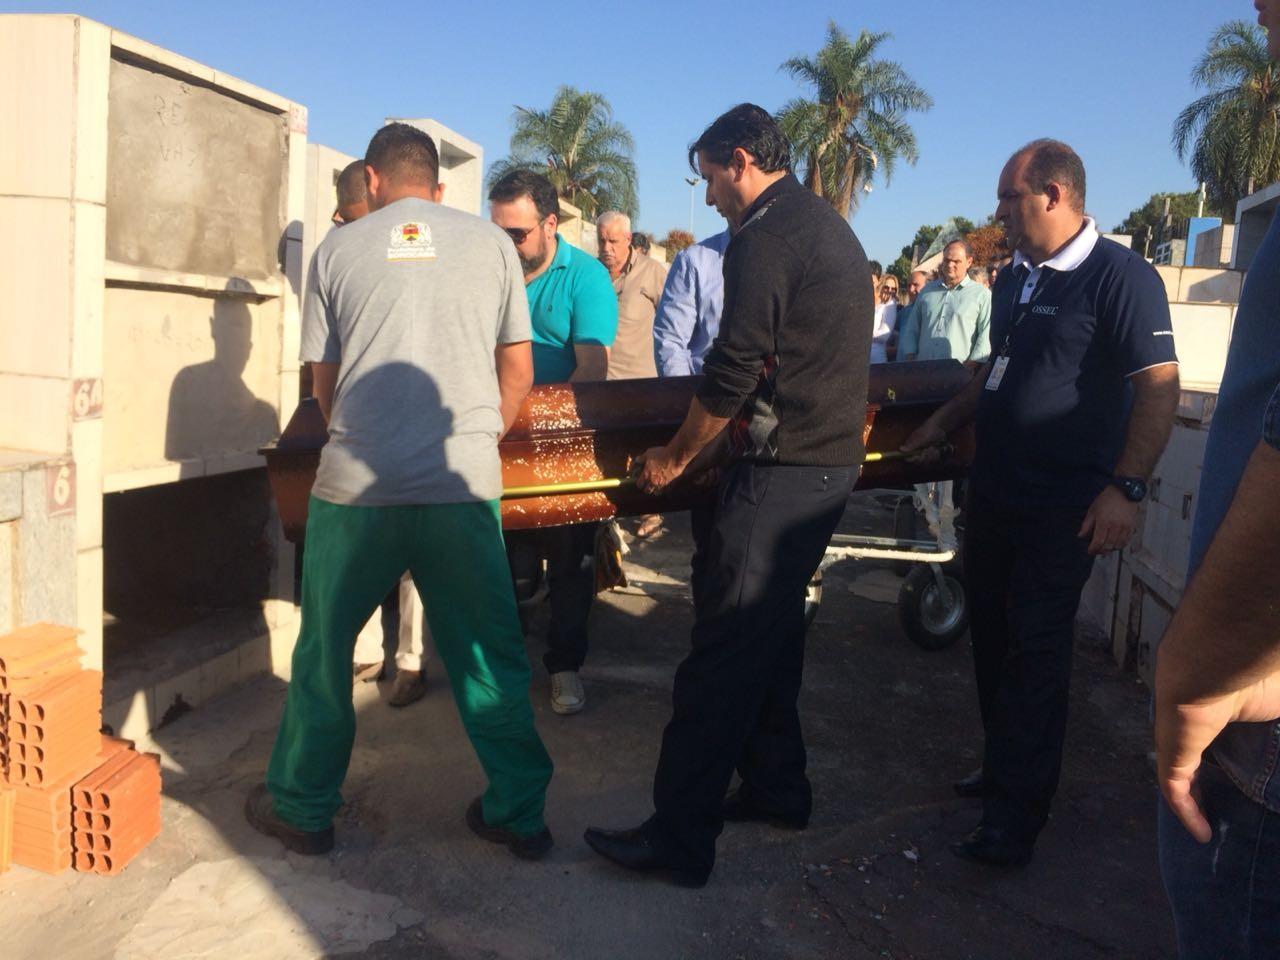 Radialista morto em acidente no Beach Park é enterrado sob silêncio em Sorocaba